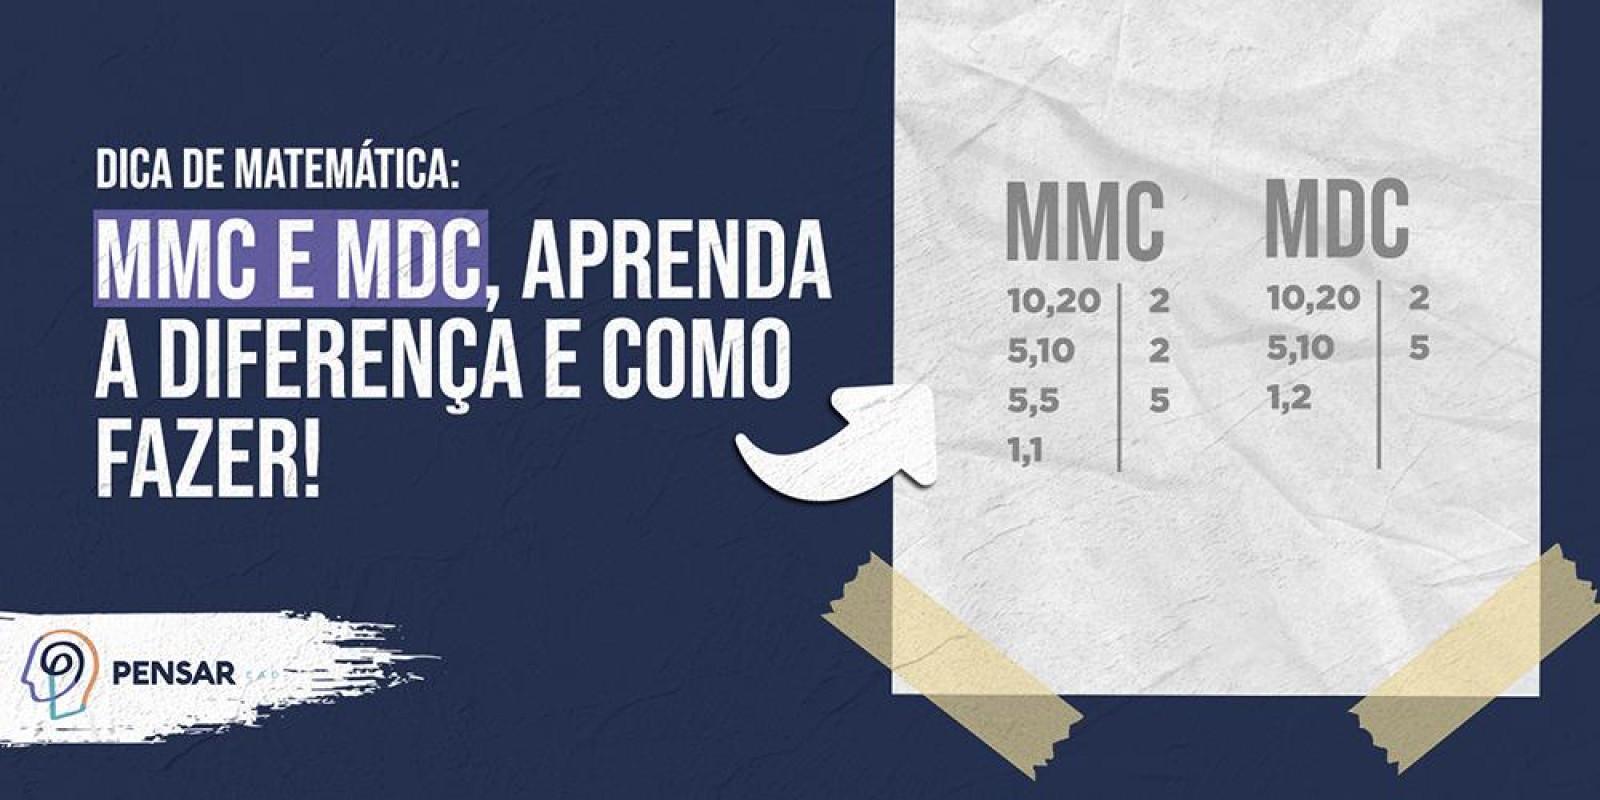 Dica de matemática: MMC e MDC, aprenda a diferença e como fazer!